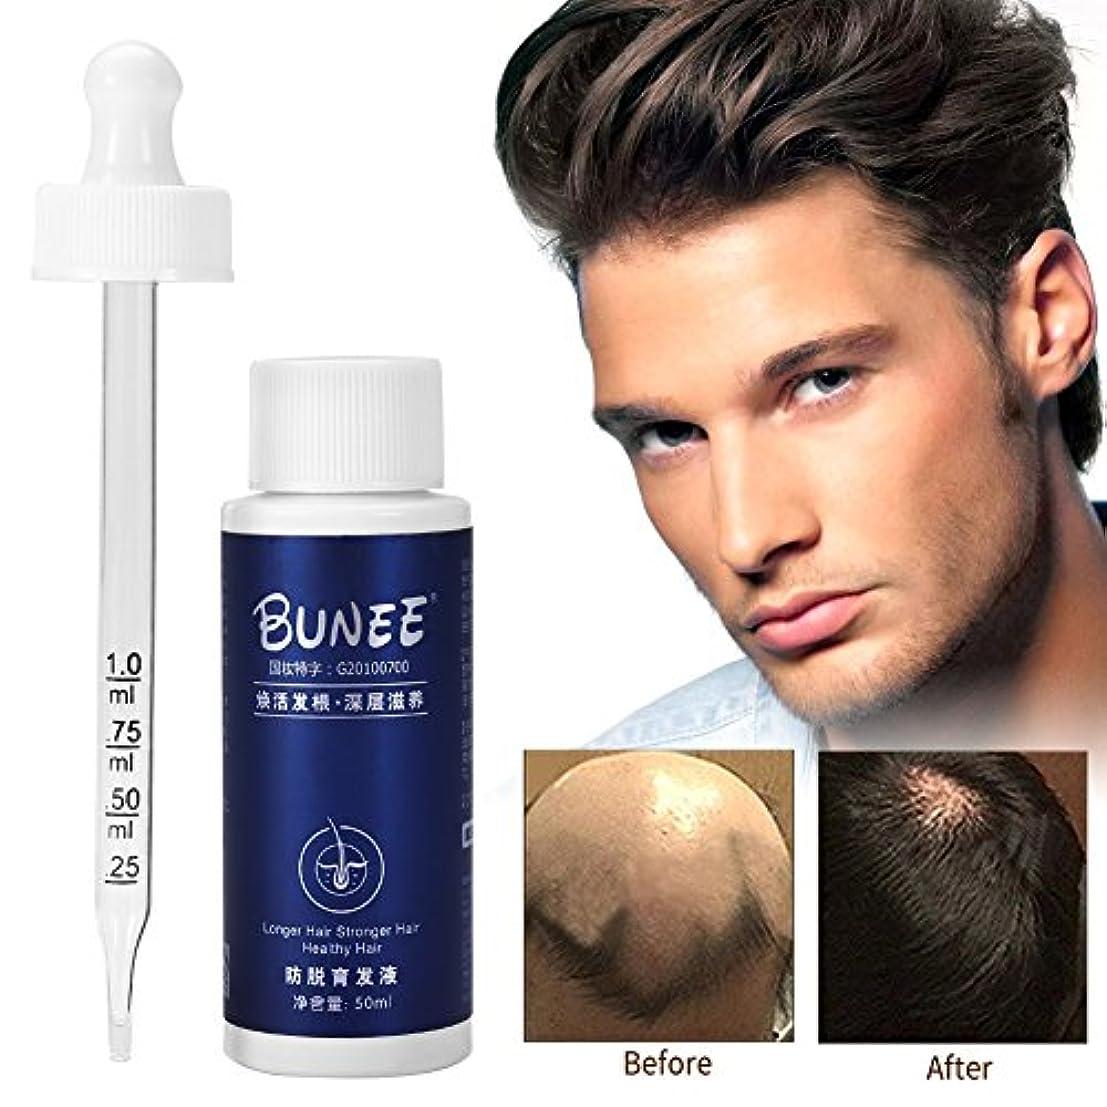 砂のリズミカルな仮定育毛オイル、液体育毛剤増粘剤天然植物エキス血清、高速発毛製品エッセンスが発毛を促進し、脱毛を防ぎ、薄毛、はげ